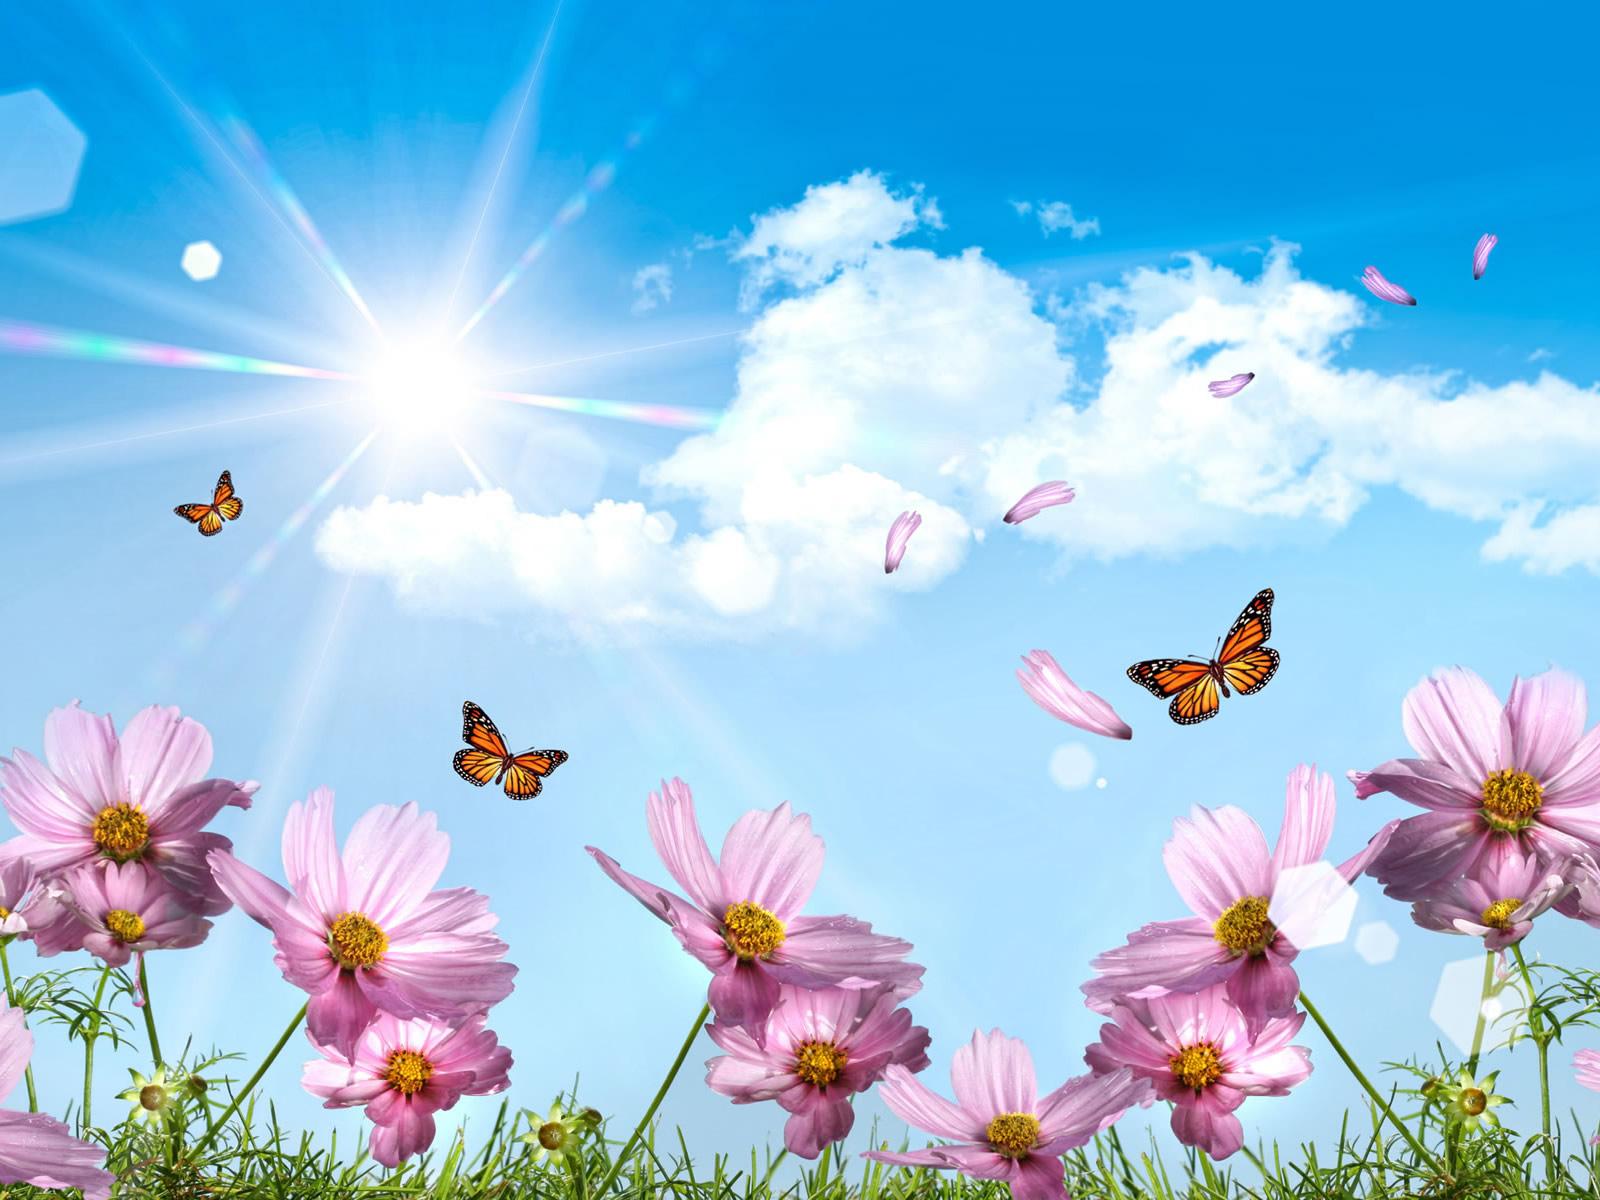 розовые цветы, бобочки, небо, скачать фото, лето